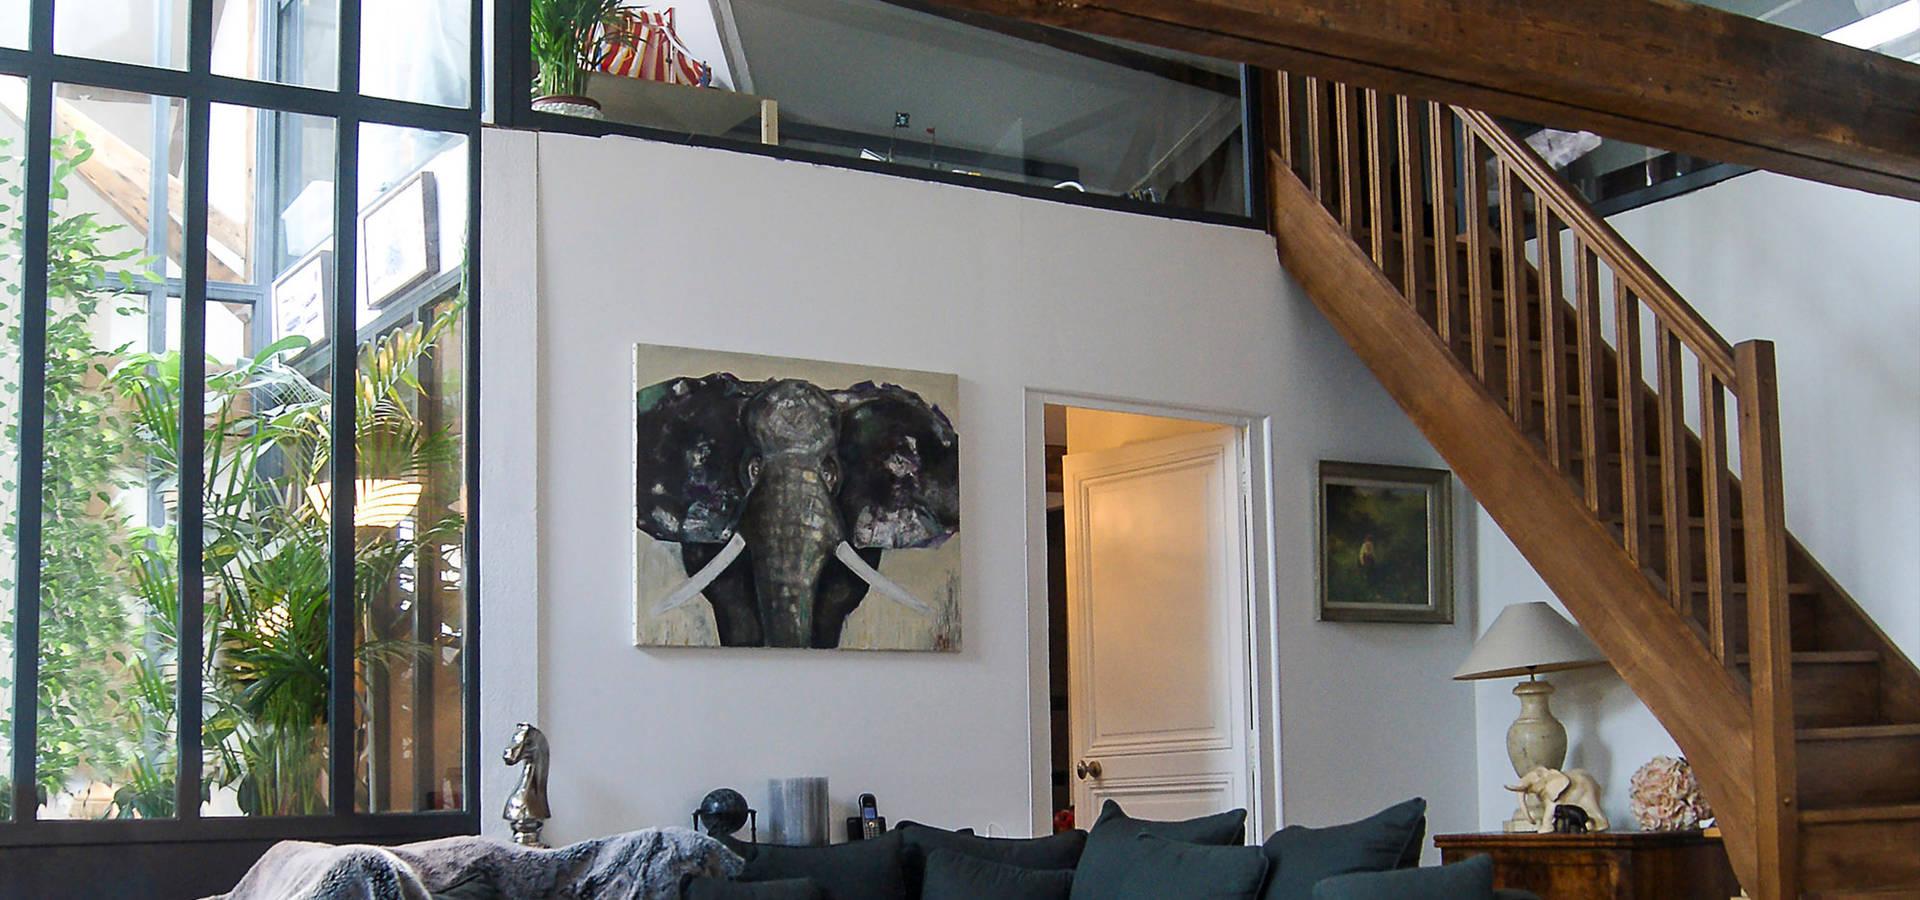 extension d une maison extension duune maison de ville des annes vannes with extension d une. Black Bedroom Furniture Sets. Home Design Ideas